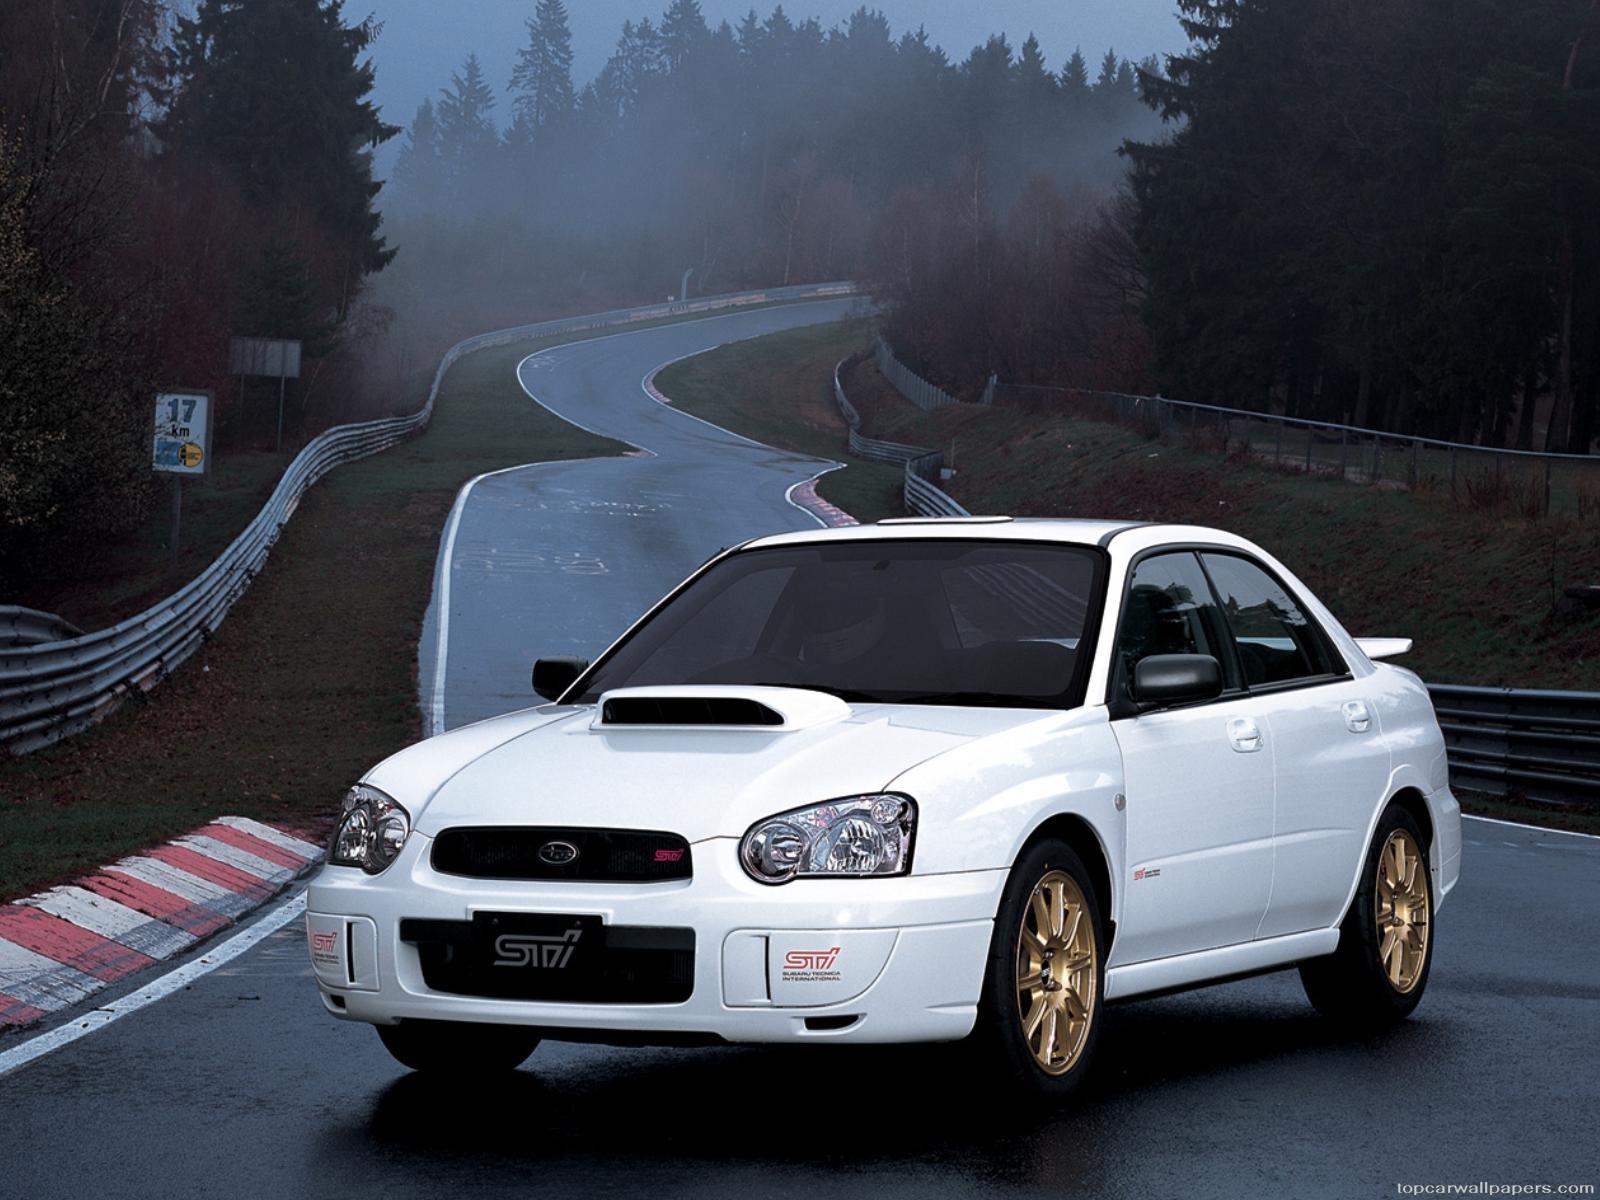 1600x1200px 2004 Subaru Wrx Sti Wallpaper Wallpapersafari